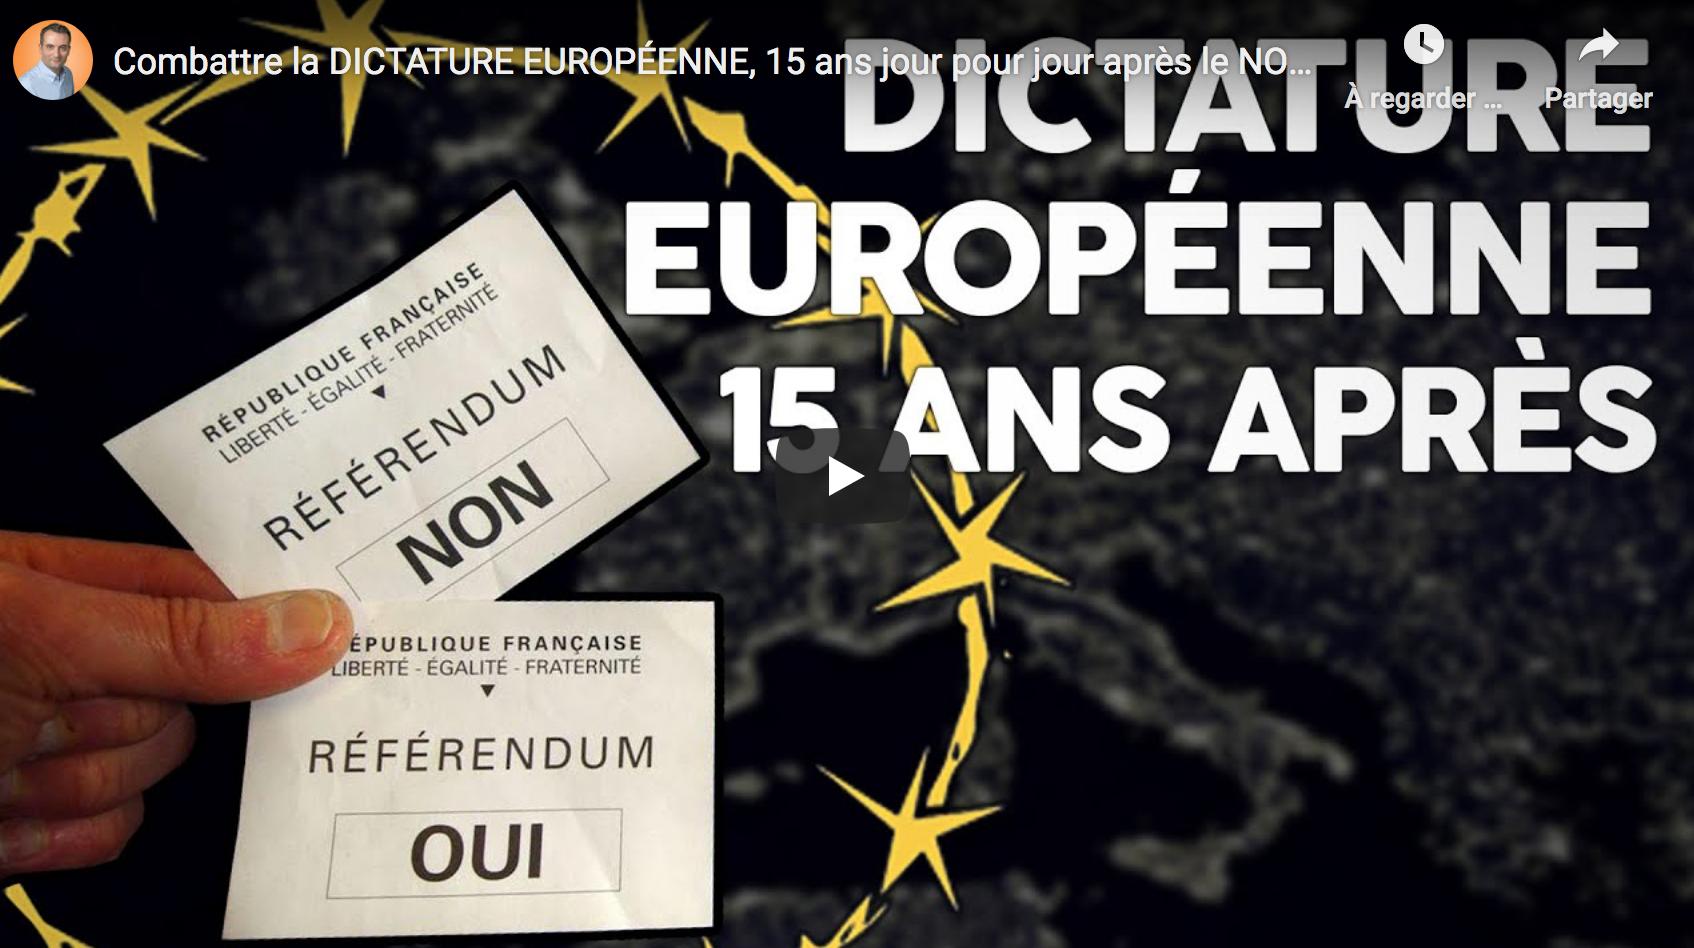 Combattre la tyrannie européenne, 15 ans jour pour jour après le NON des Français (Florian Philippot)